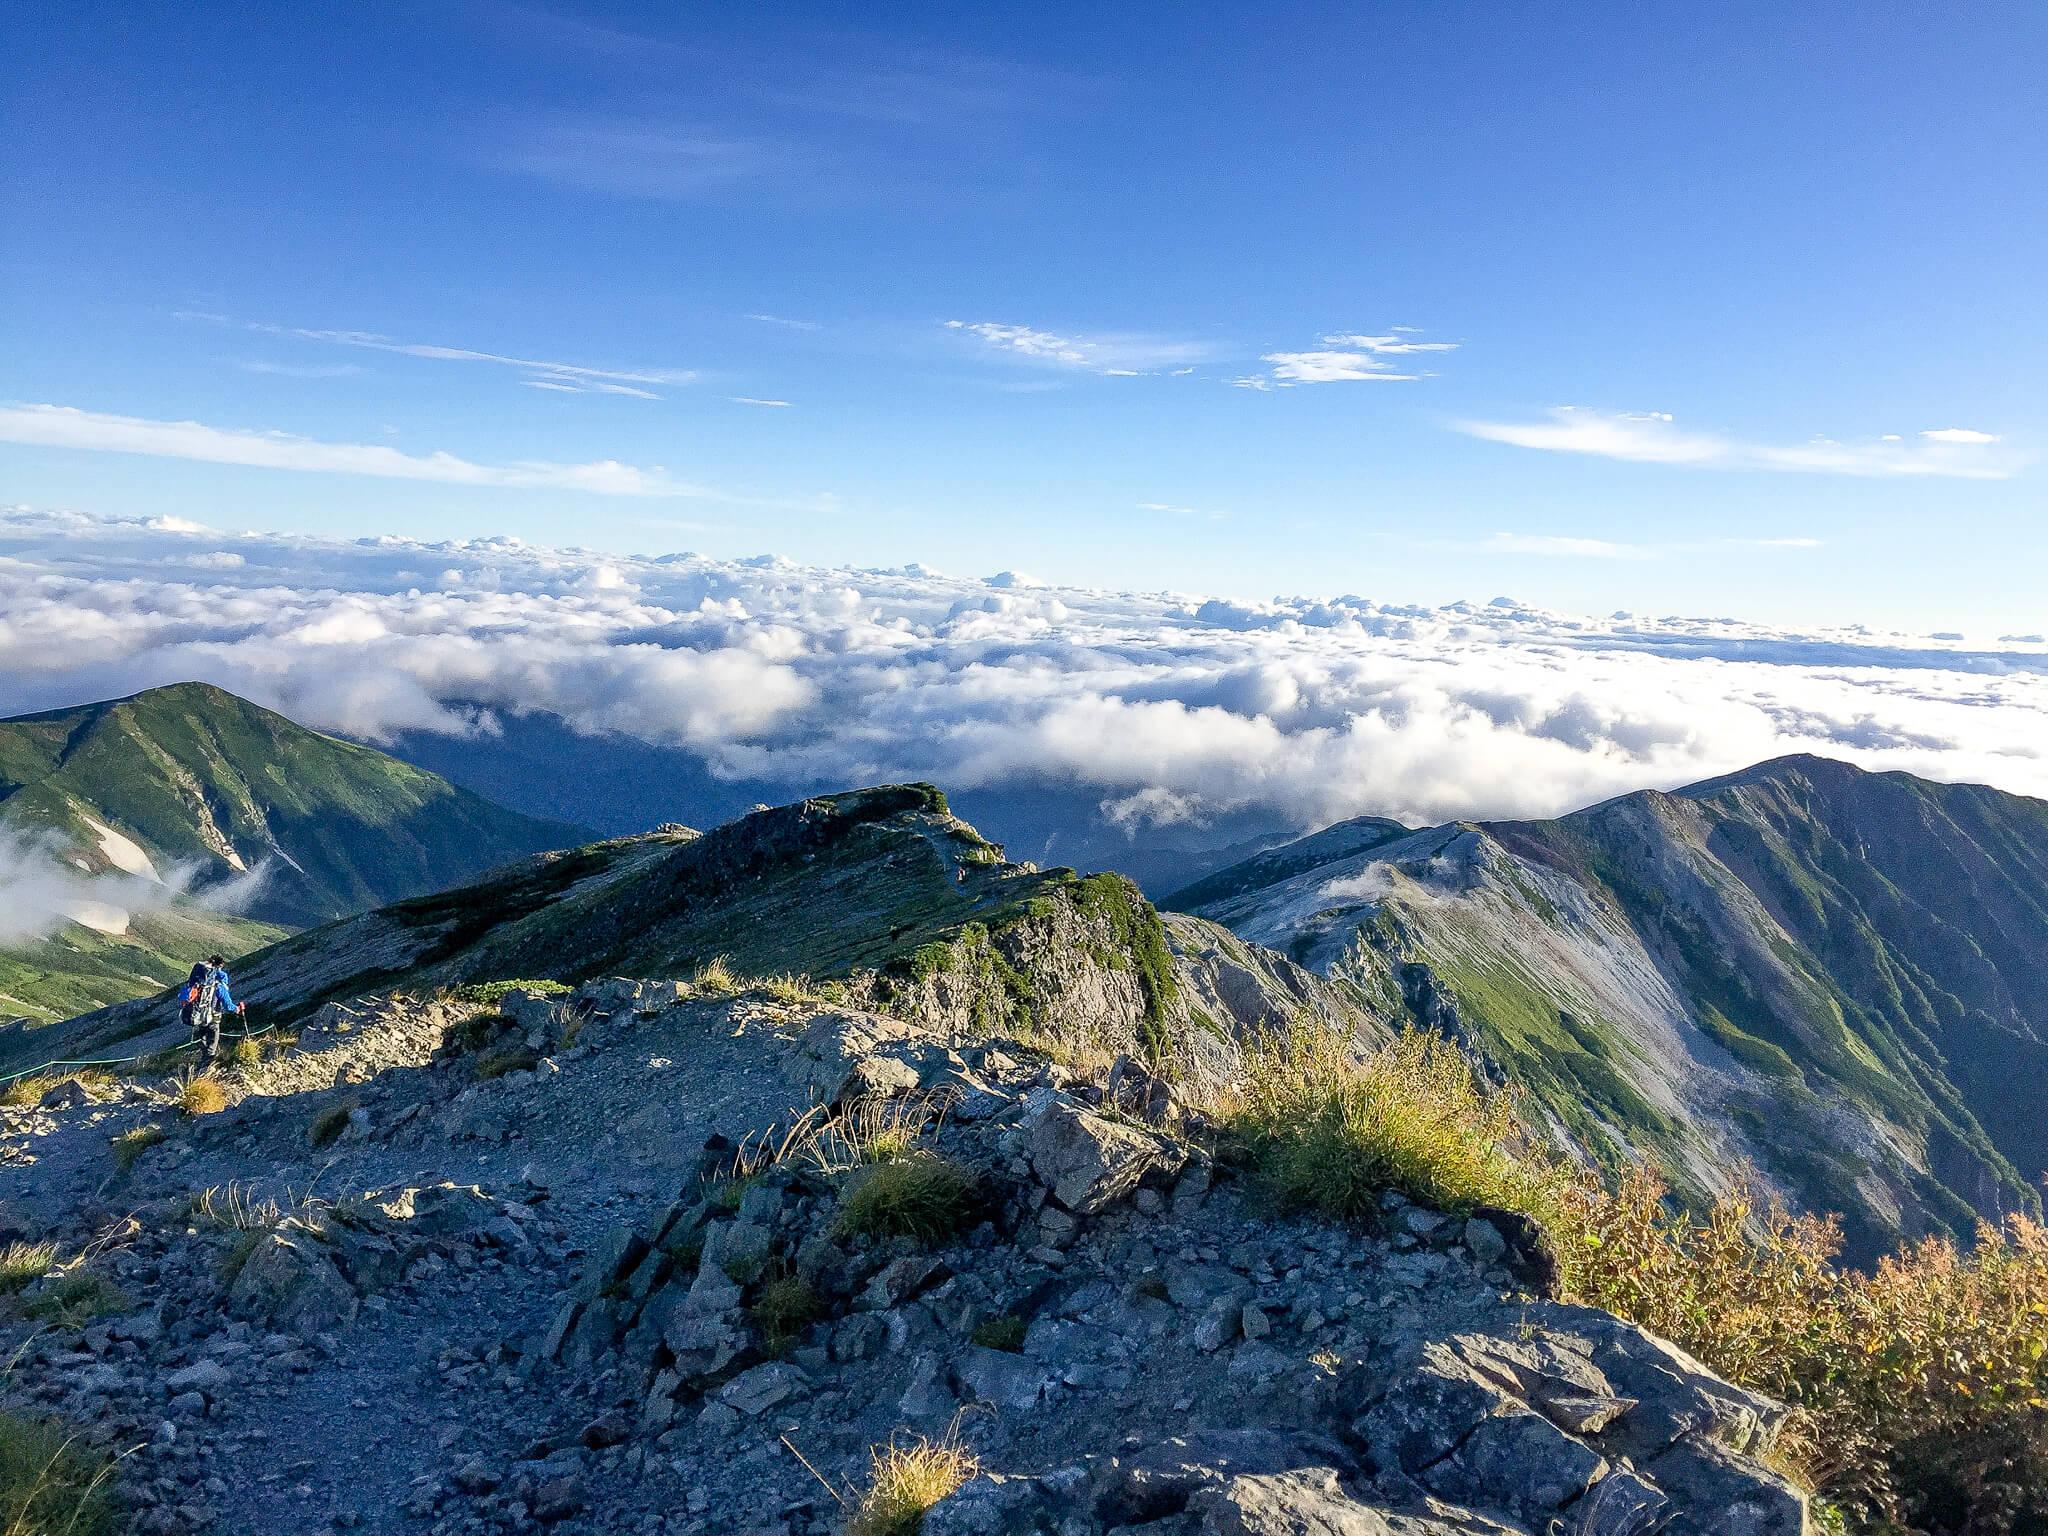 白馬岳・白馬岳から小蓮華山へと続く稜線